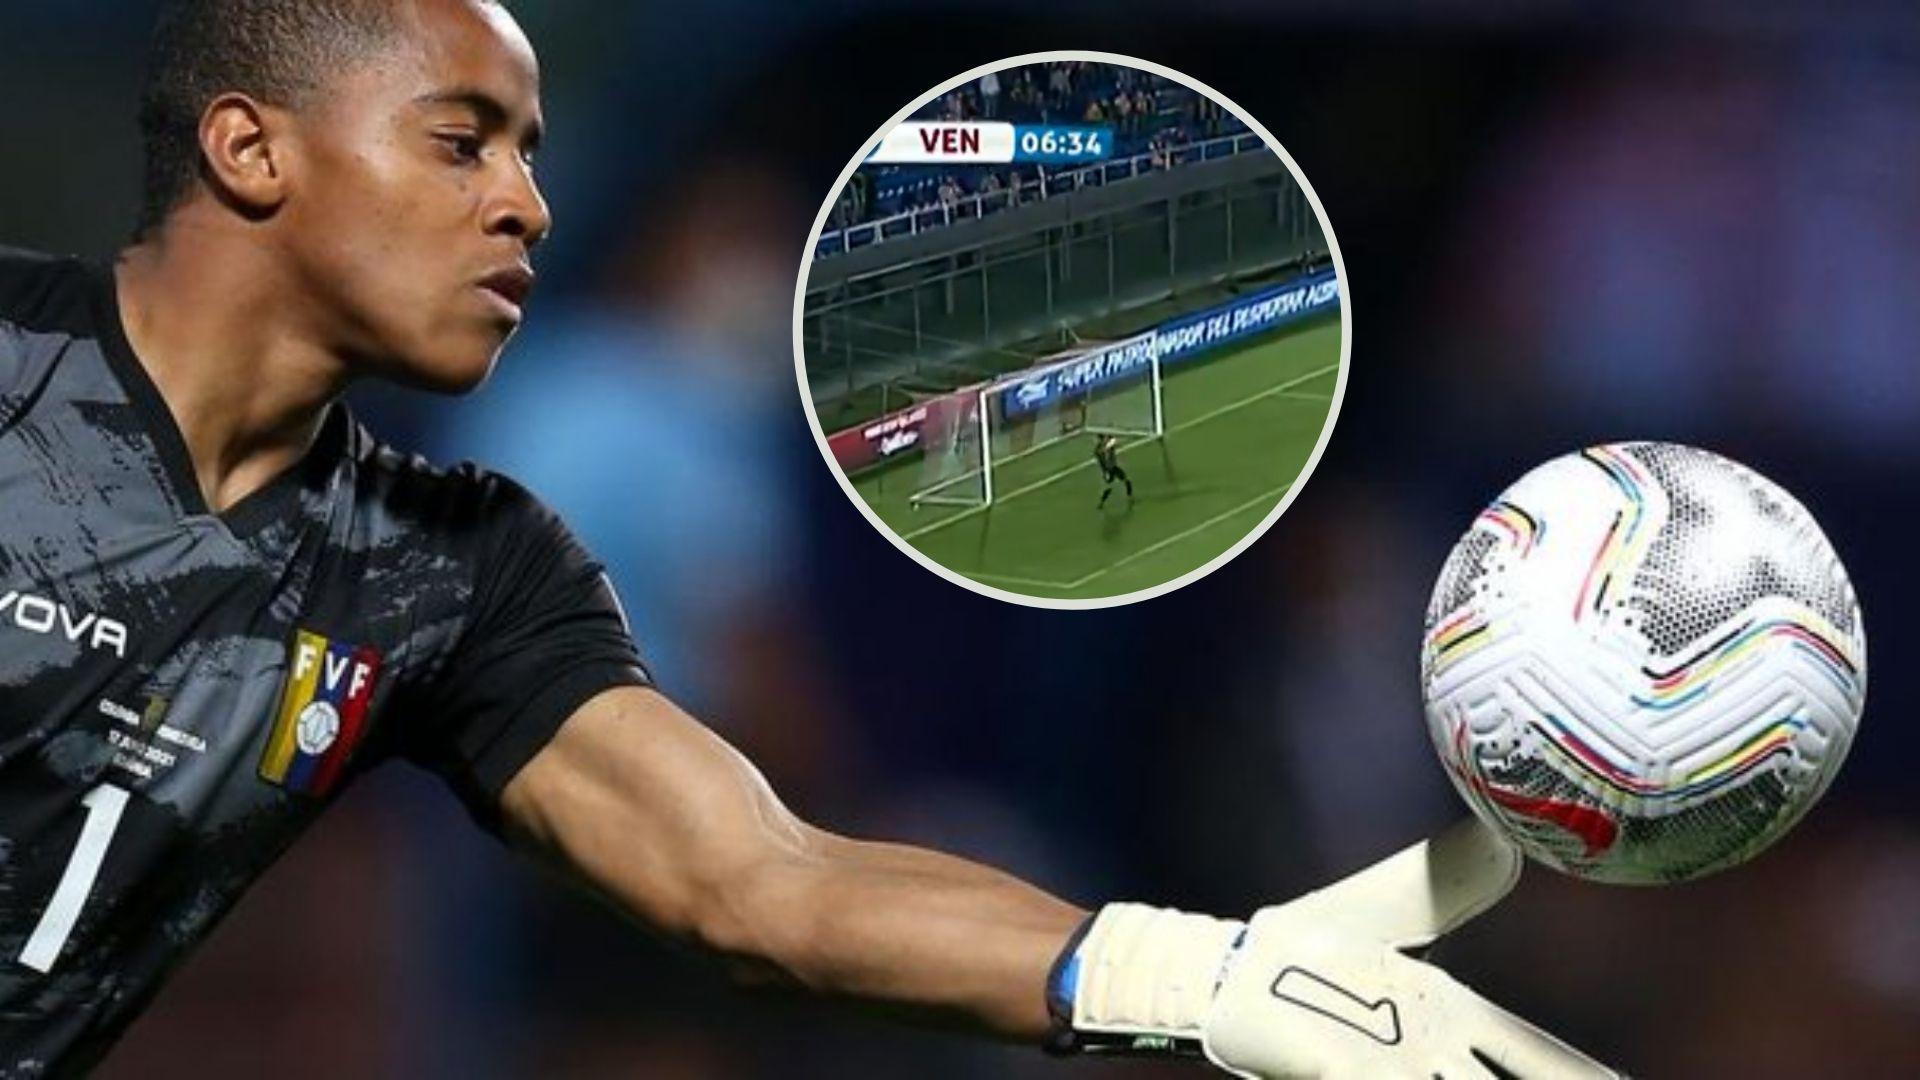 ¿Qué le pasó a Wuilker Faríñez? El gol de Paraguay por el que es criticado el arquero